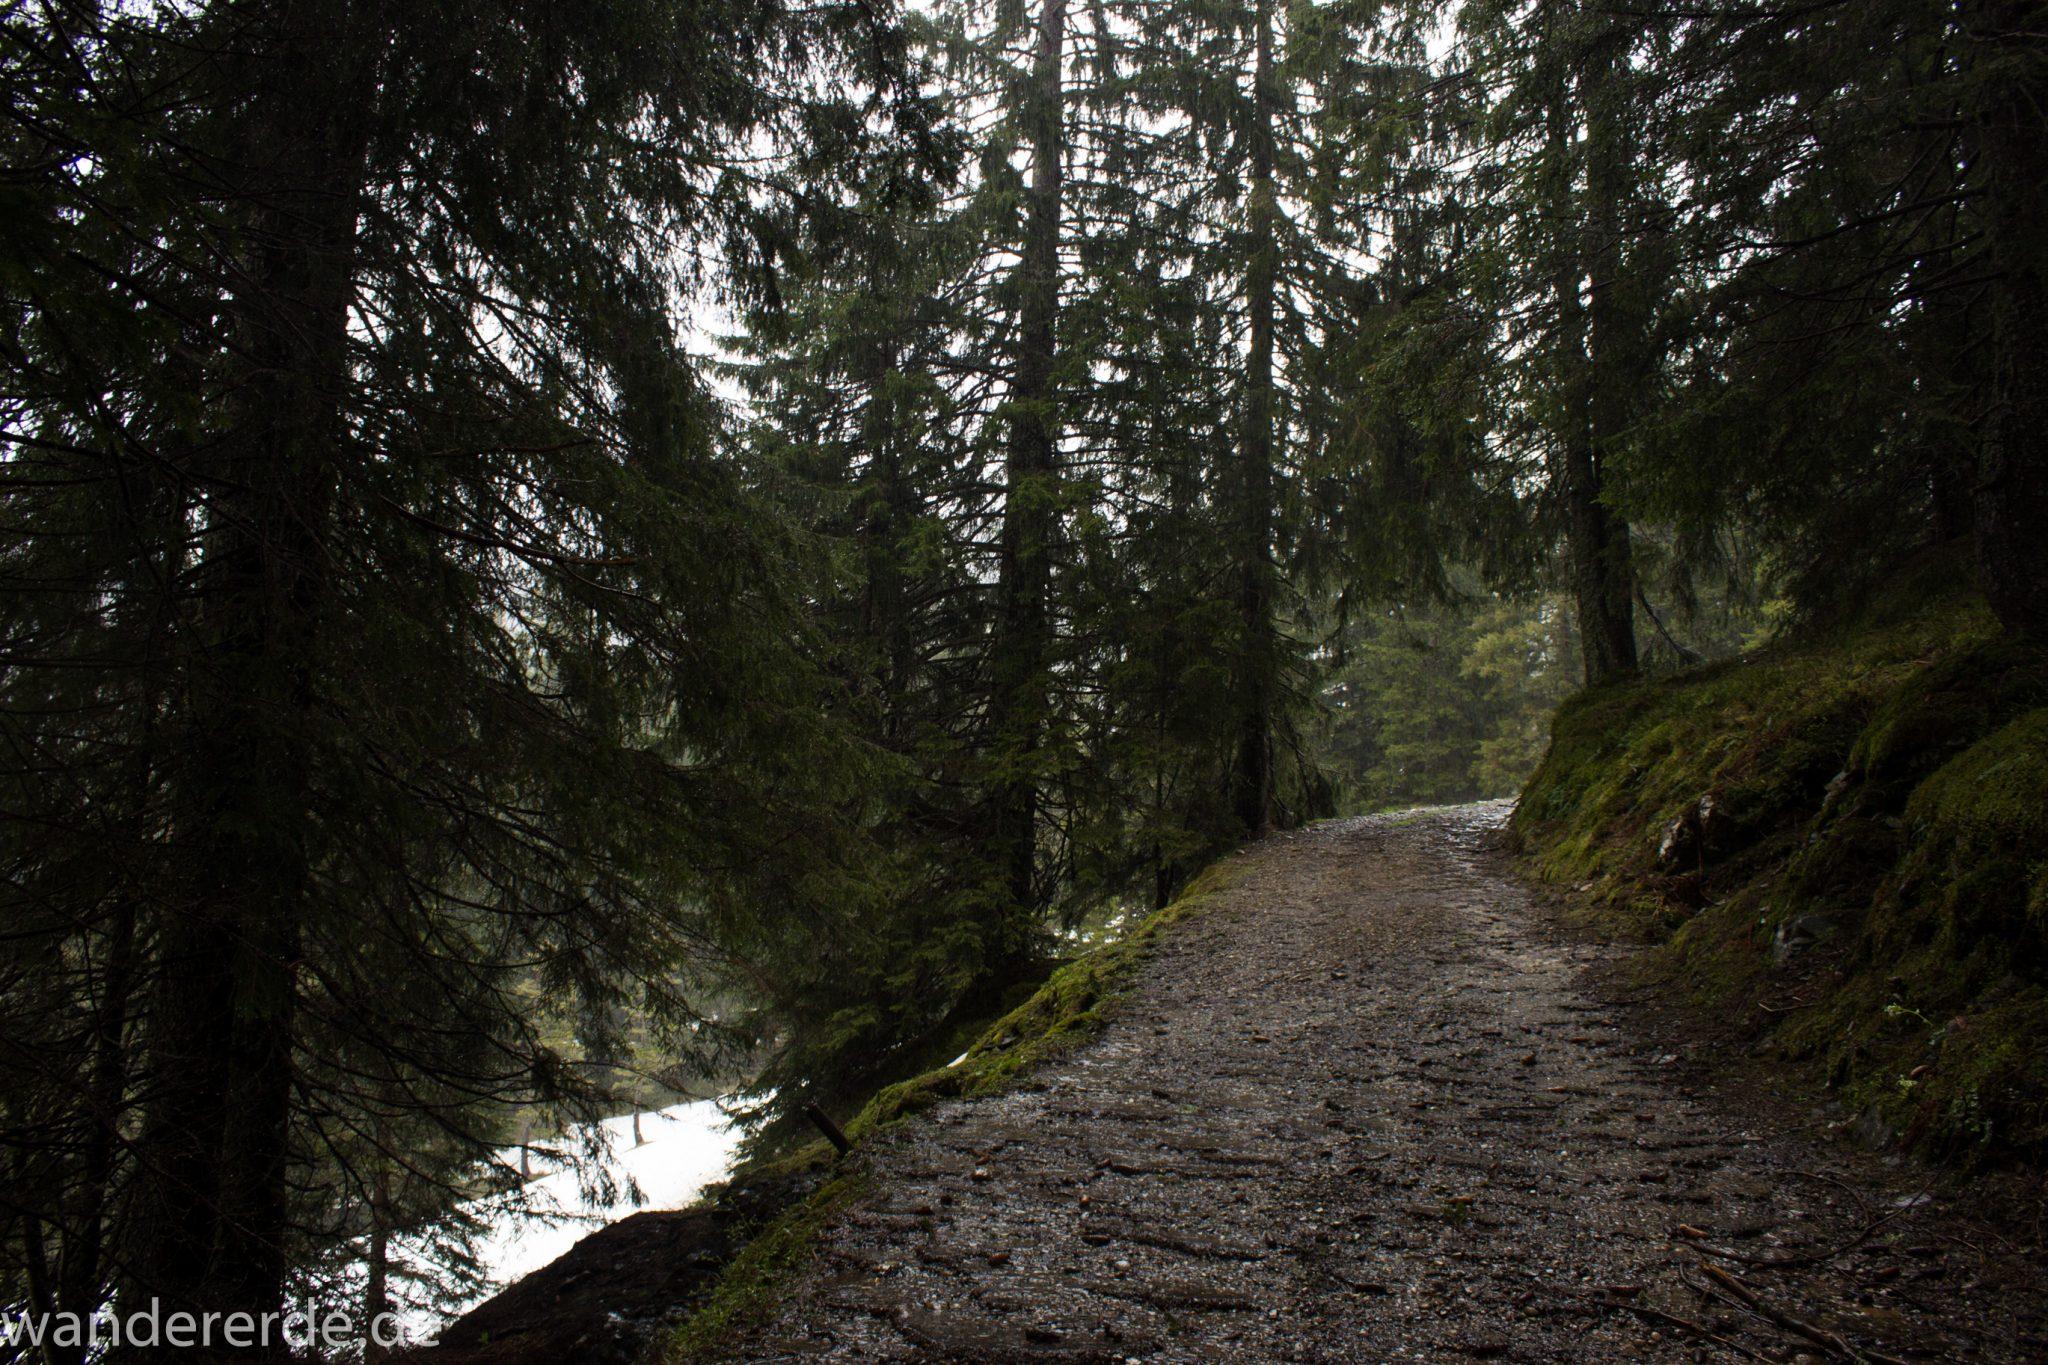 Wandern Gunzesrieder Ostertal im Allgäu, Baden-Württemberg, Obere Älple, viel Regen, dunkle Wolken, Schnee im Mai, saftig grüner Wald, schöne Atmosphäre und Aussicht